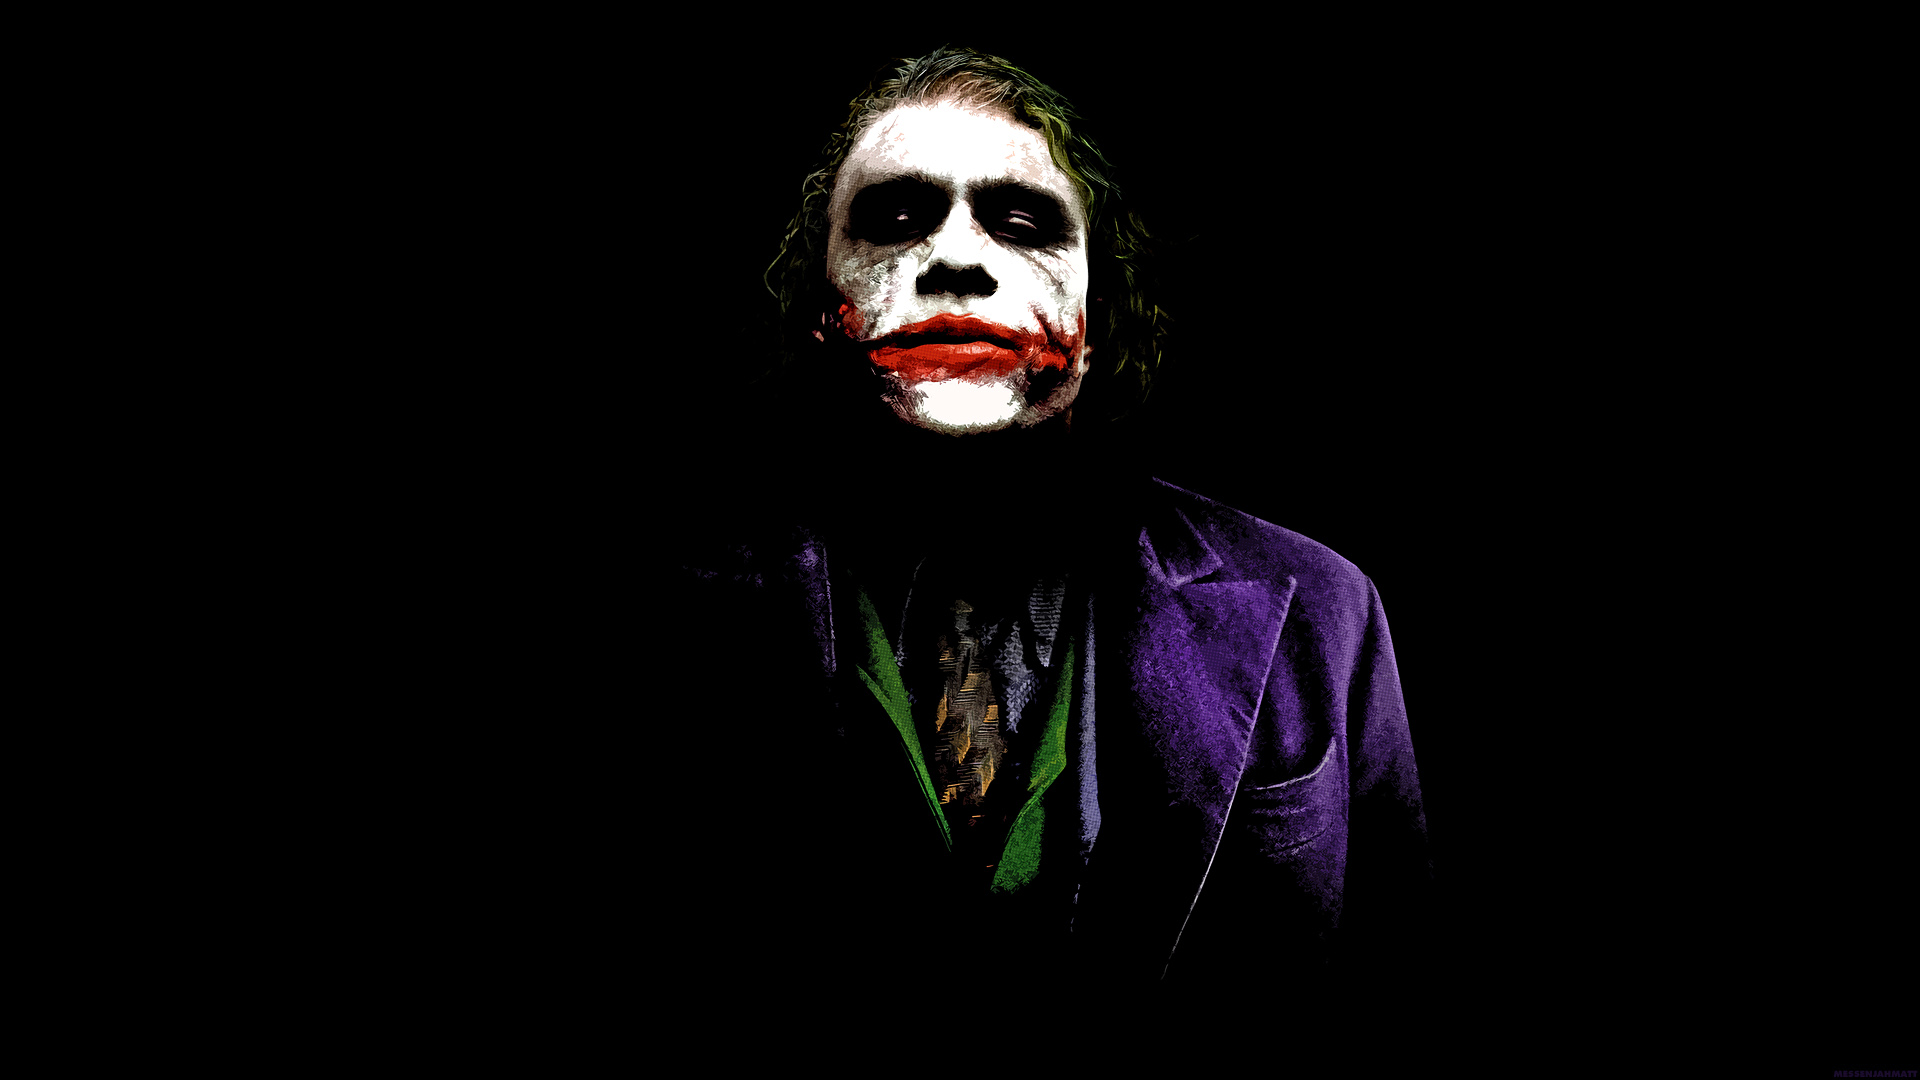 The Joker images joker HD wallpaper and background photos 1920x1080